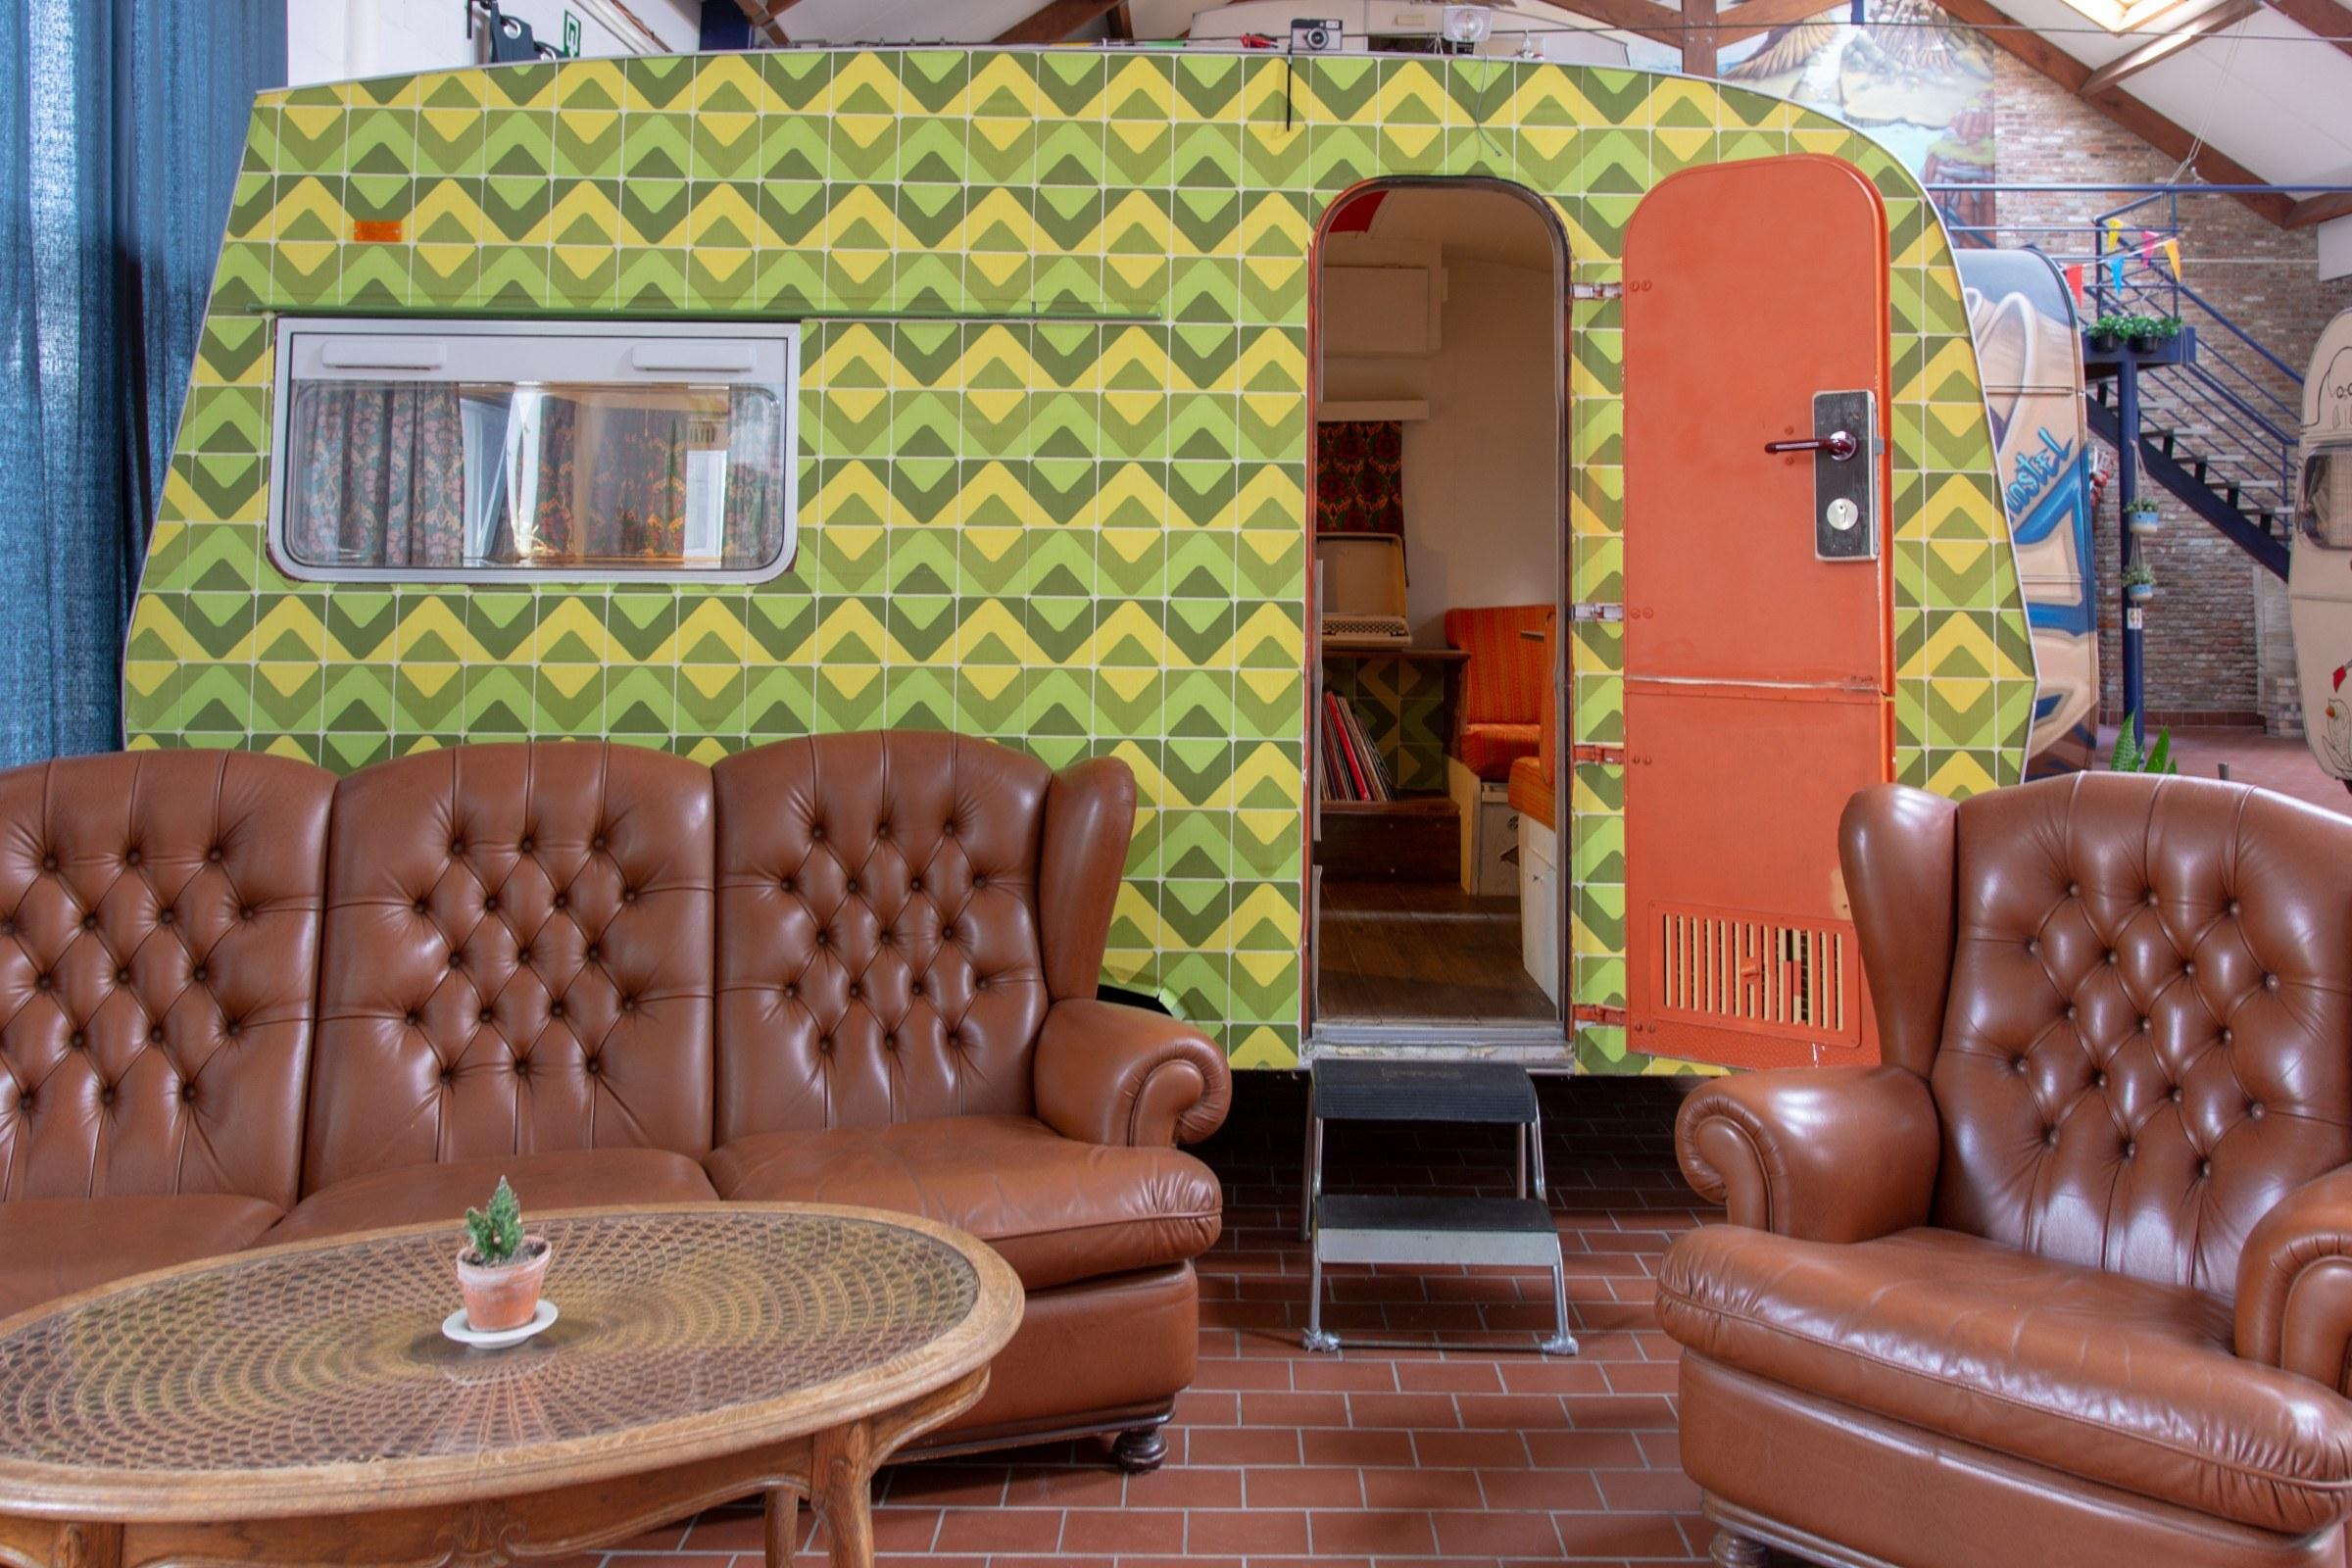 Een caravan met groen druk motief en een leren bankstel voor de deur.